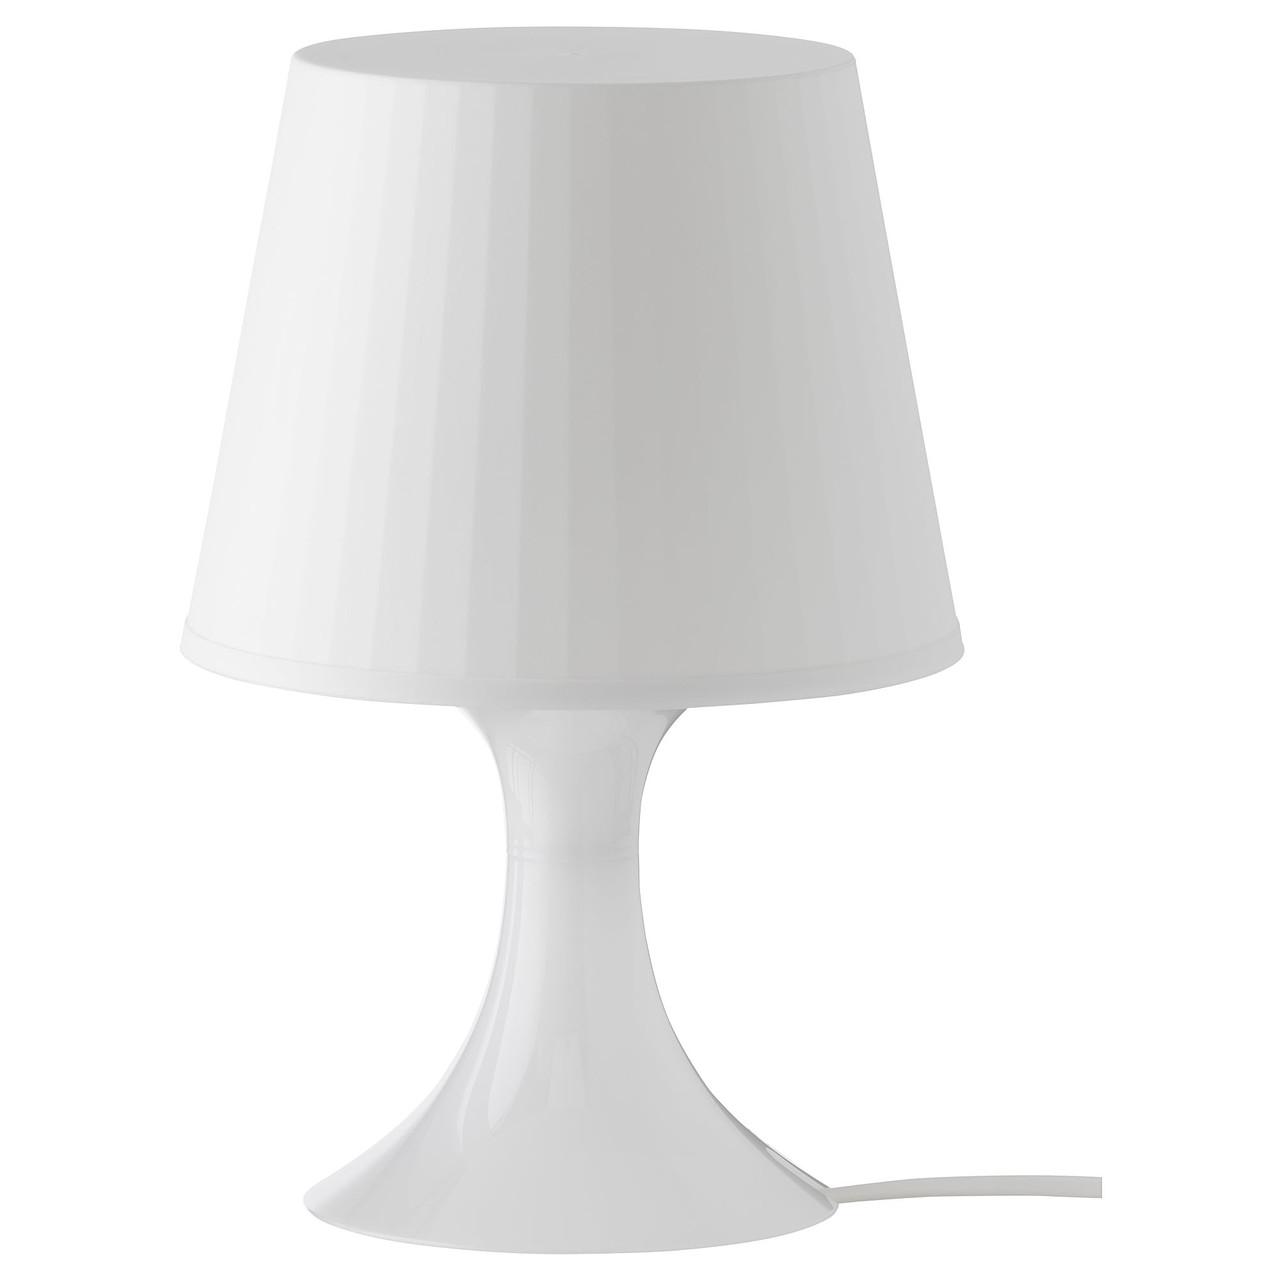 Настольная лампа IKEA LAMPAN 29 см белая 200.469.88